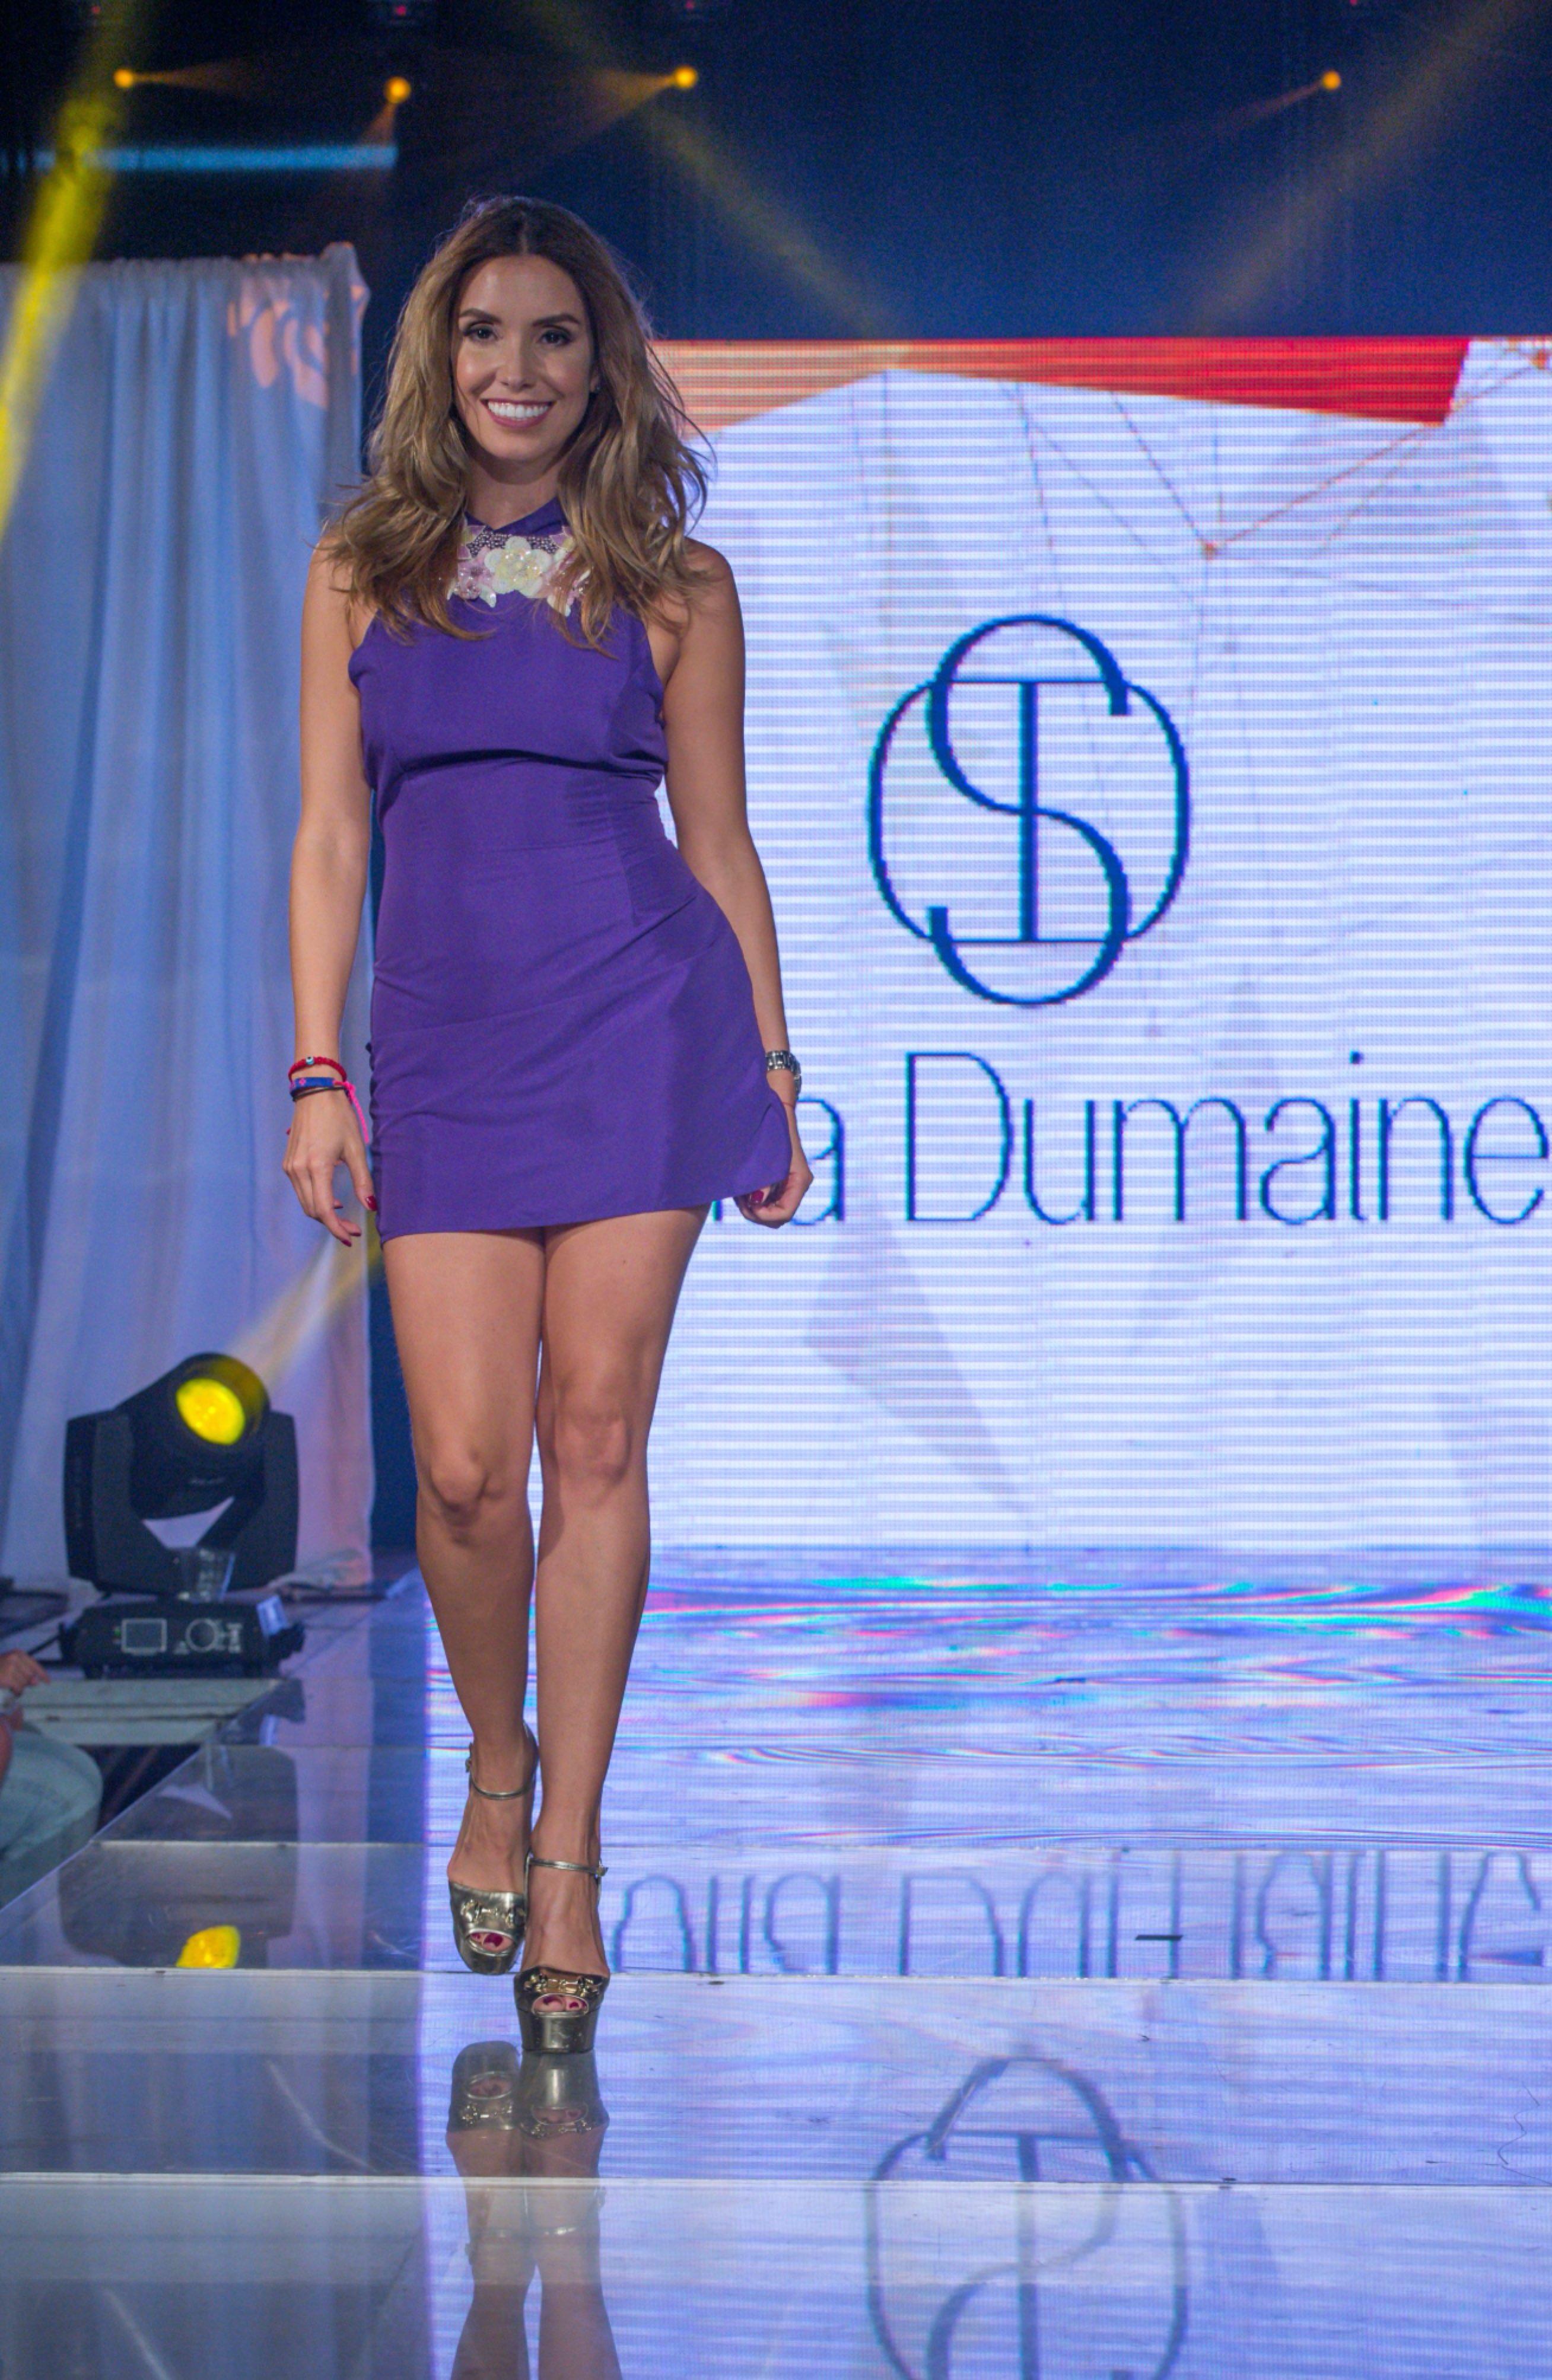 MHBF 2016 – Sofia Dumaine – 4